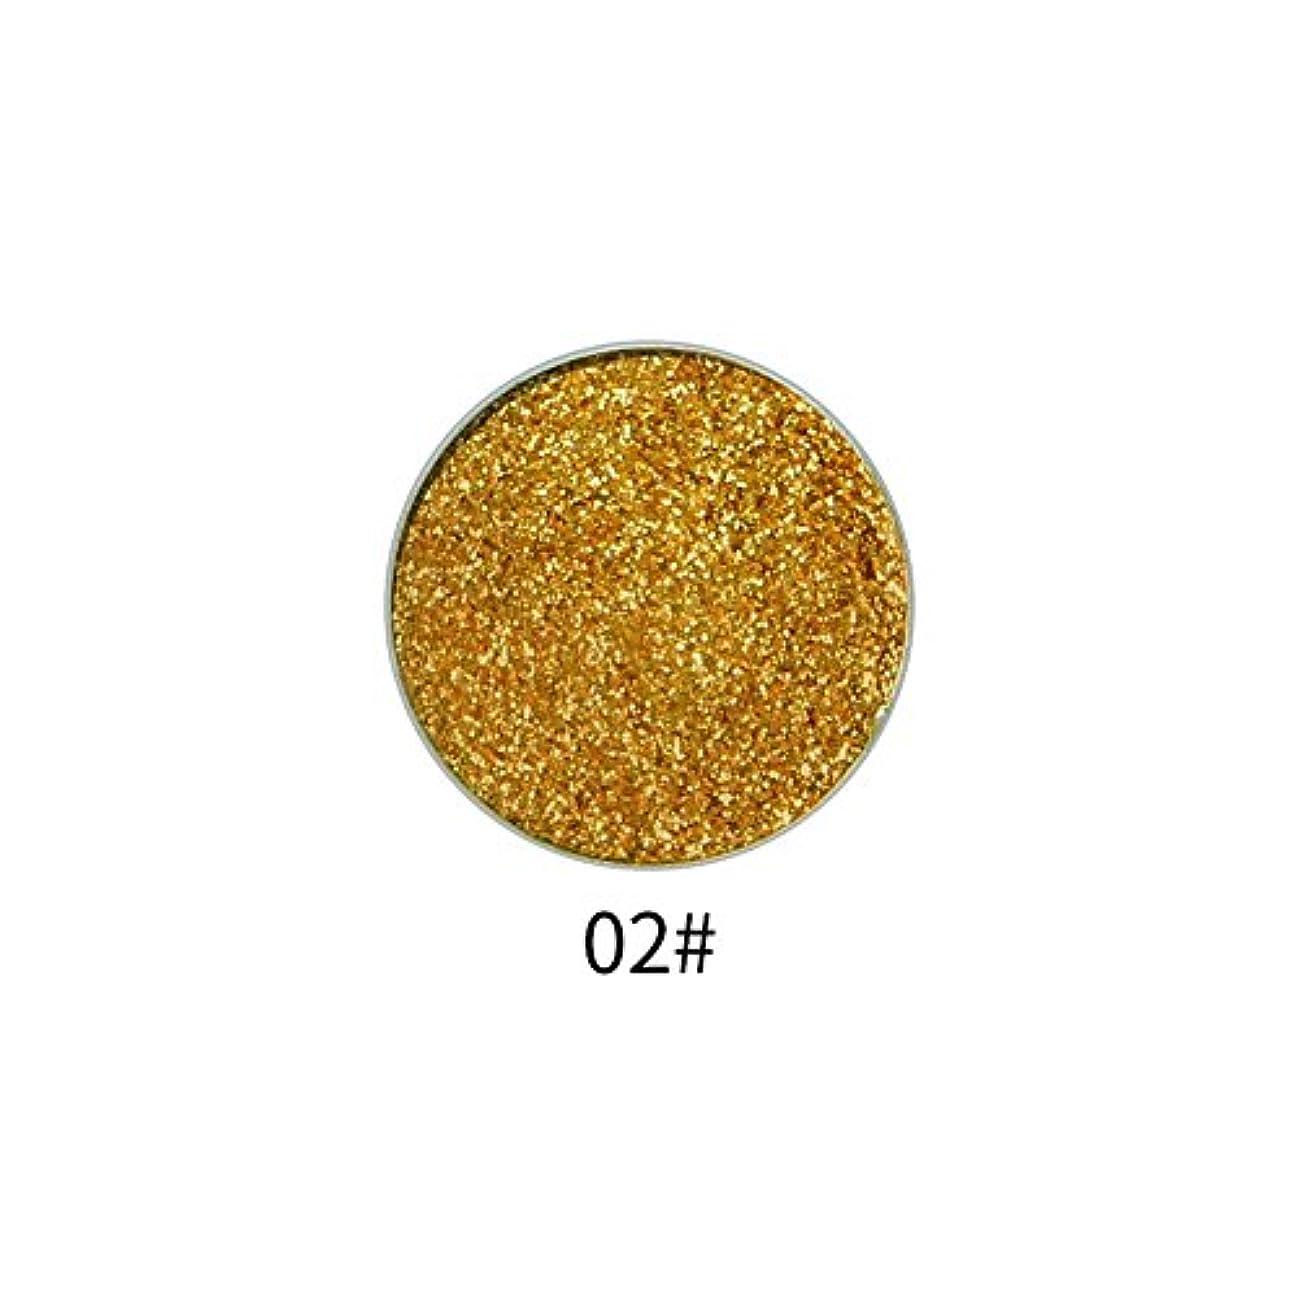 目的お金目的9色アイシャドウパレット顔料シャイニングパウダーマットグリッターアイシャドウパウダー(2)